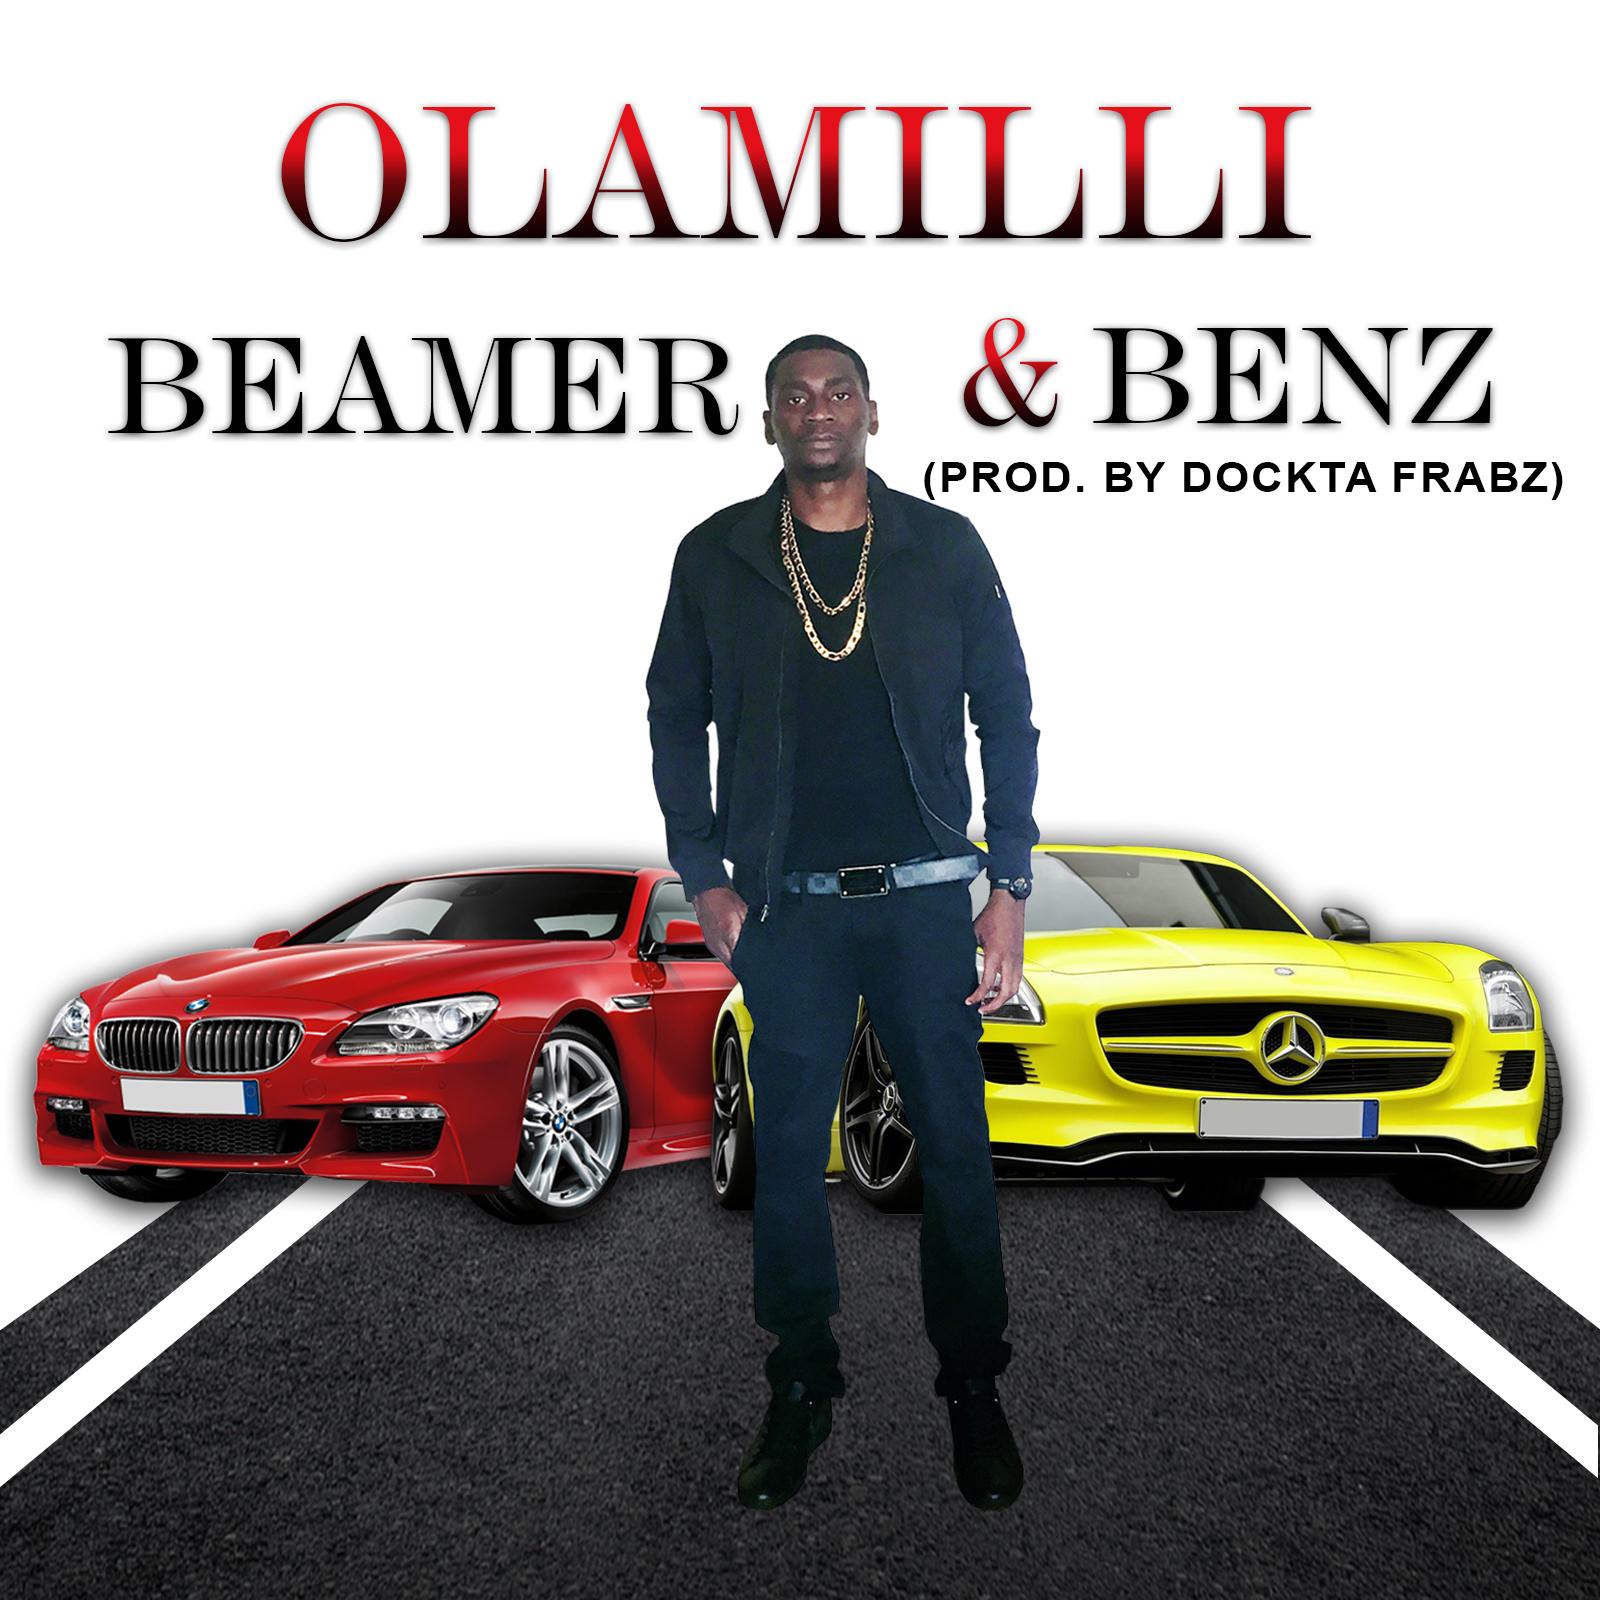 Olamilli – Beamer & Benz (Prod. Dr Frabz)